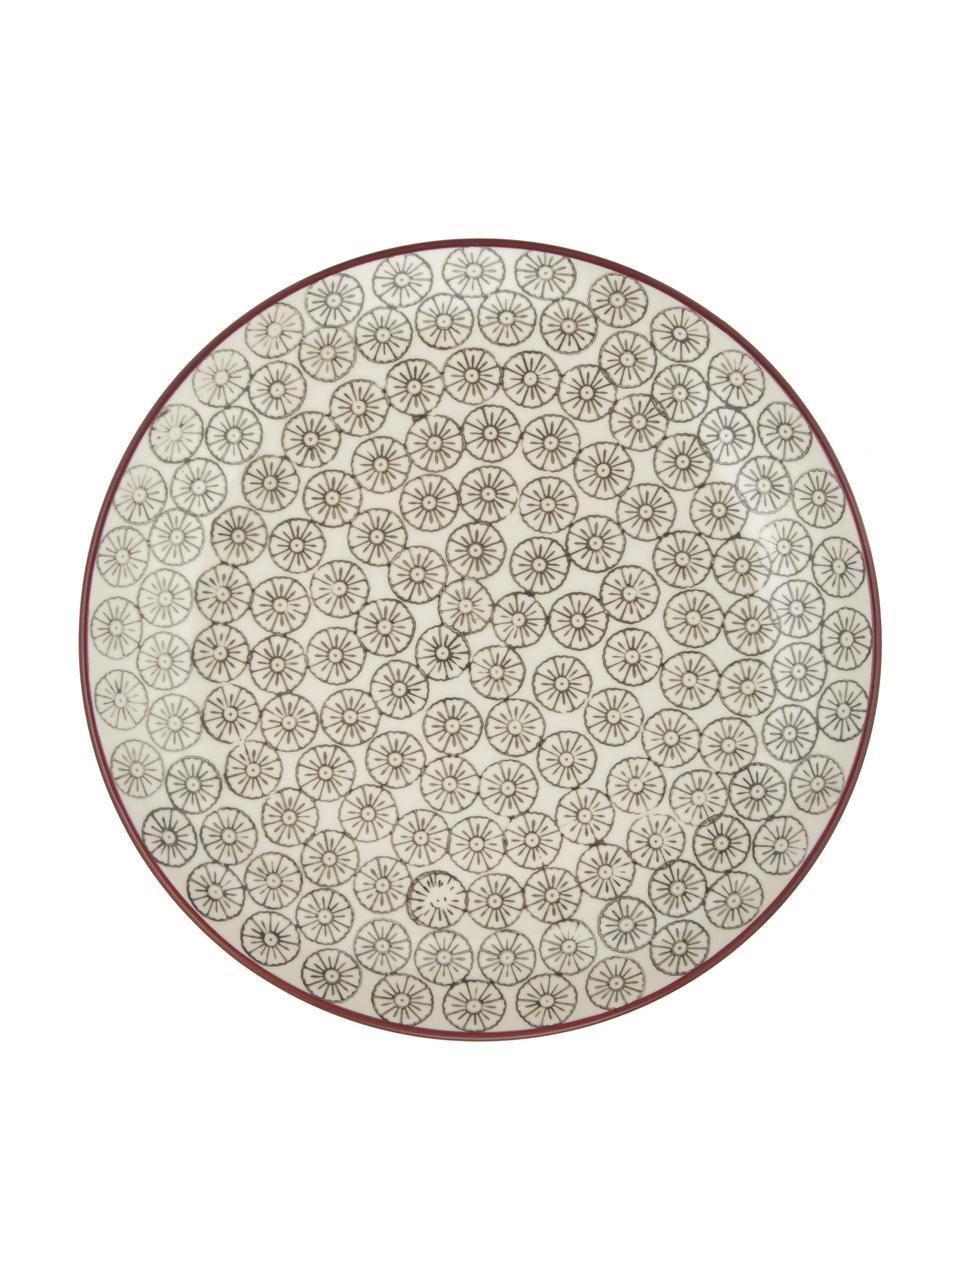 Komplet talerzy śniadaniowych Karine, 4 elem., Ceramika, Wielobarwny, Ø 20 cm